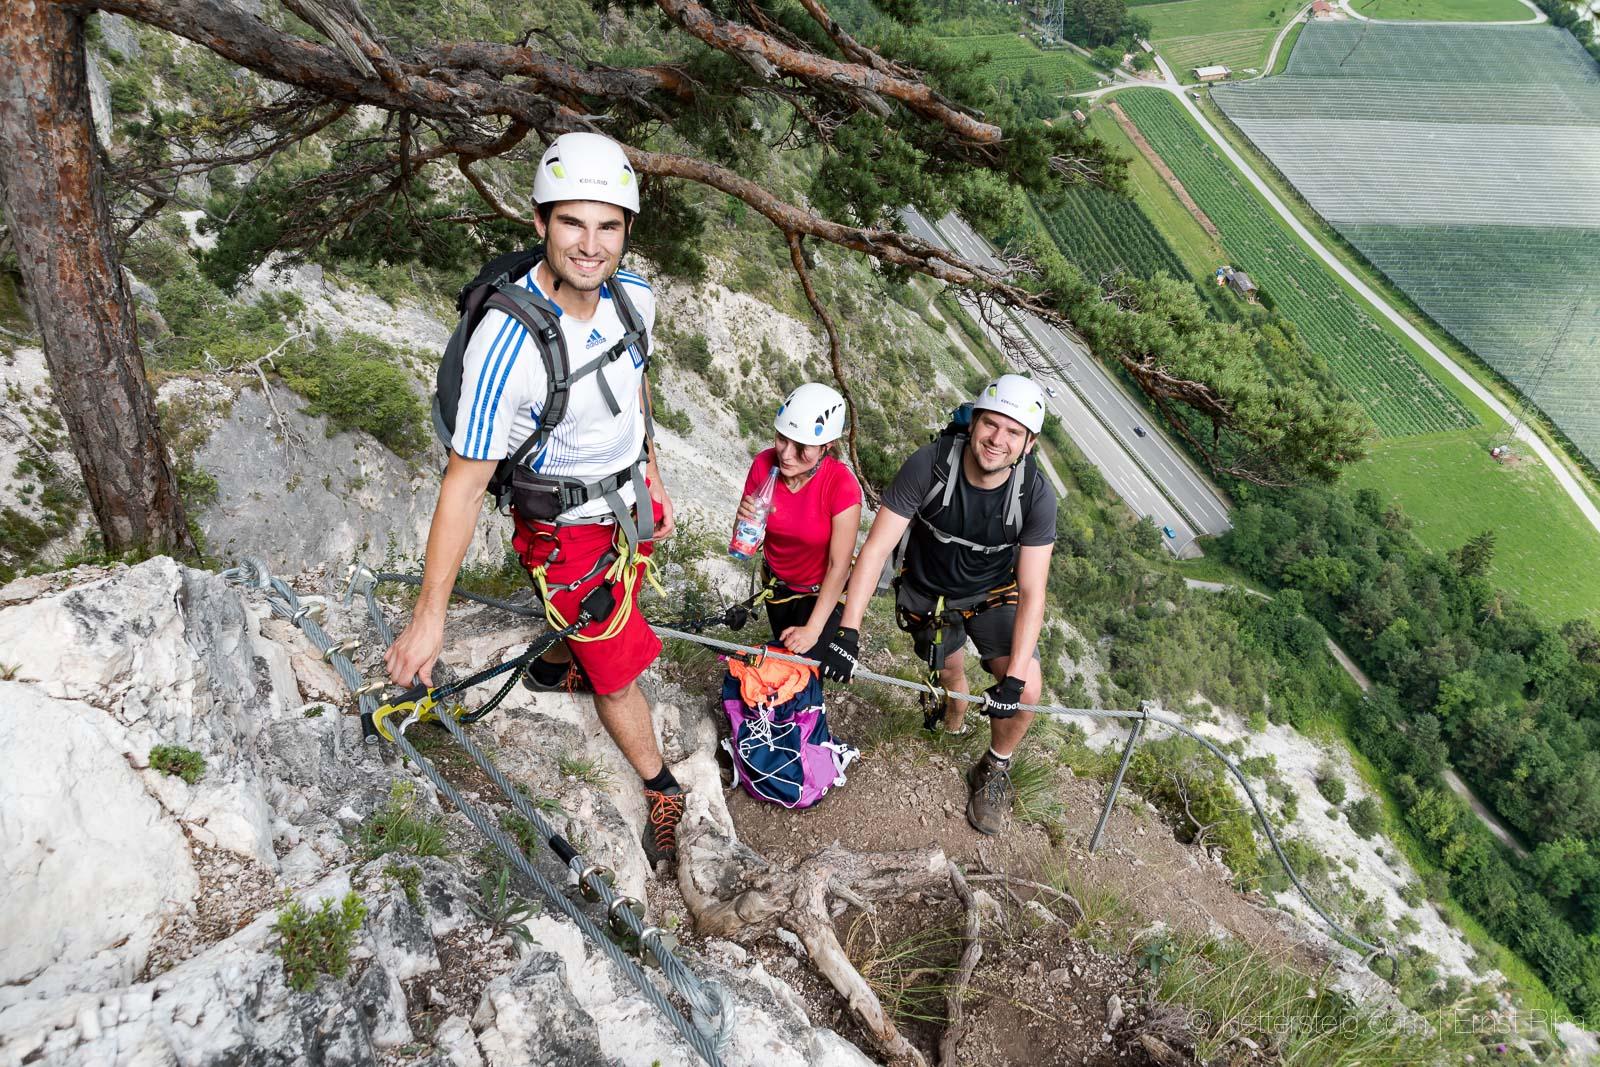 Klettersteig Geierwand : Juli geierwand klettersteig klettersteige